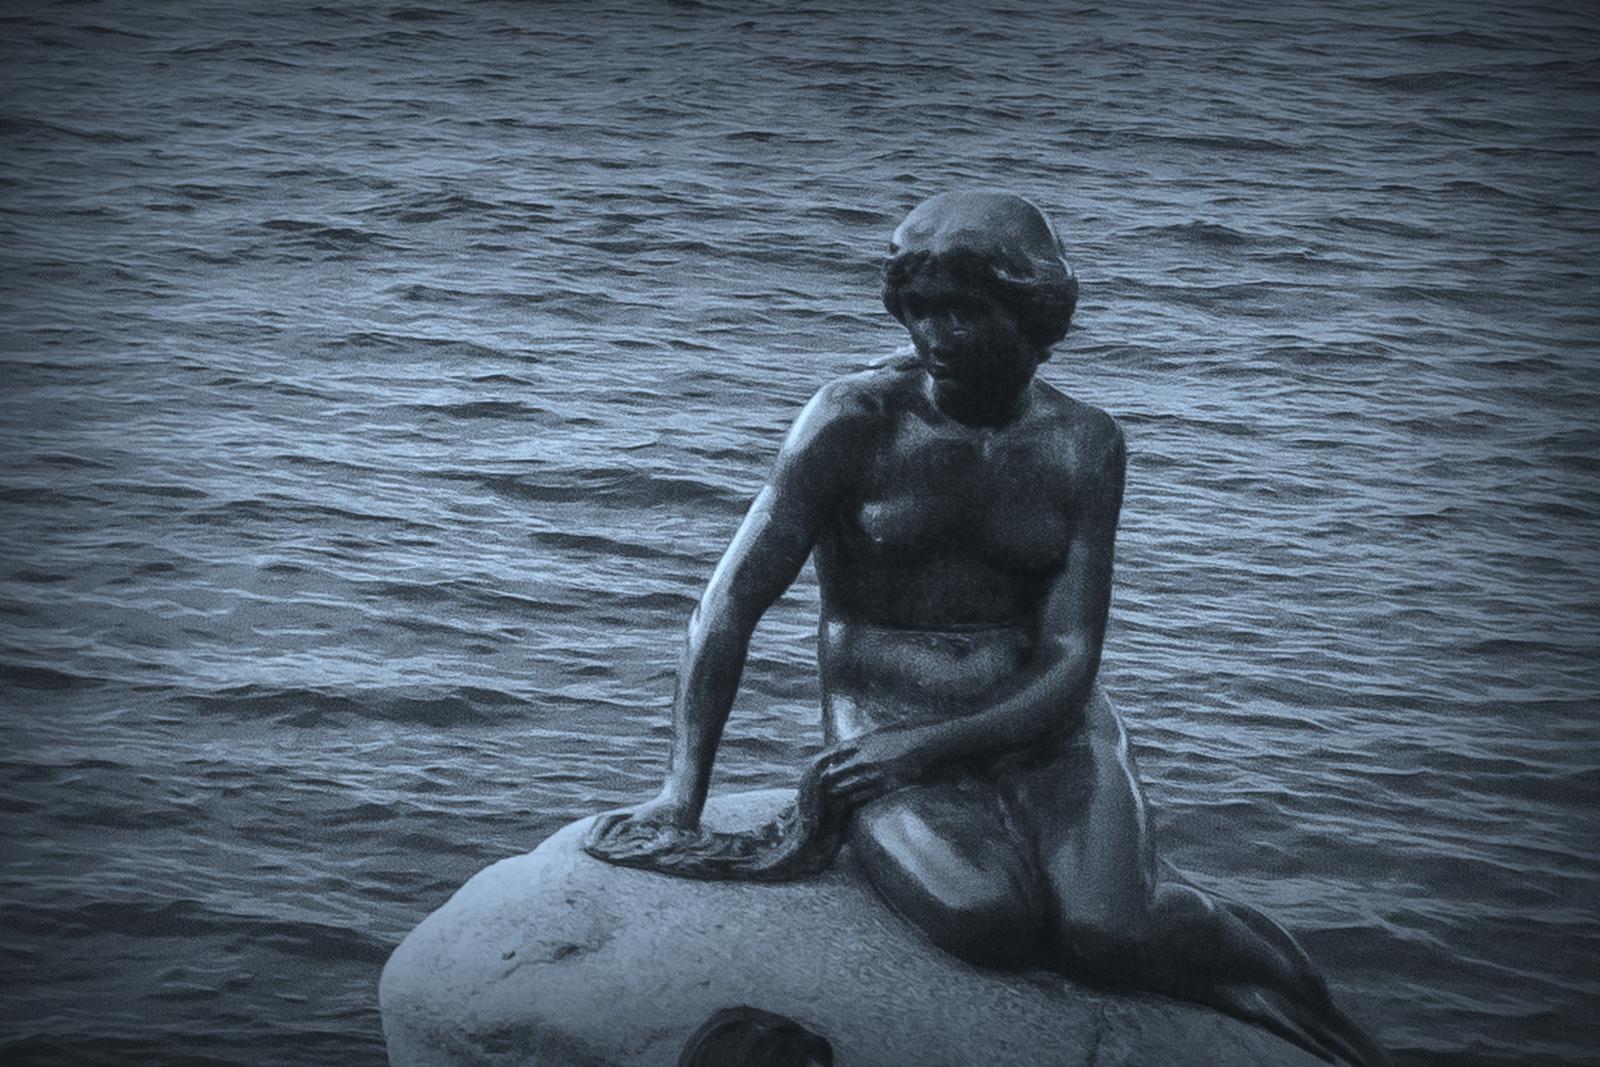 丹麦美人鱼雕像,雕塑家妻子为蓝本